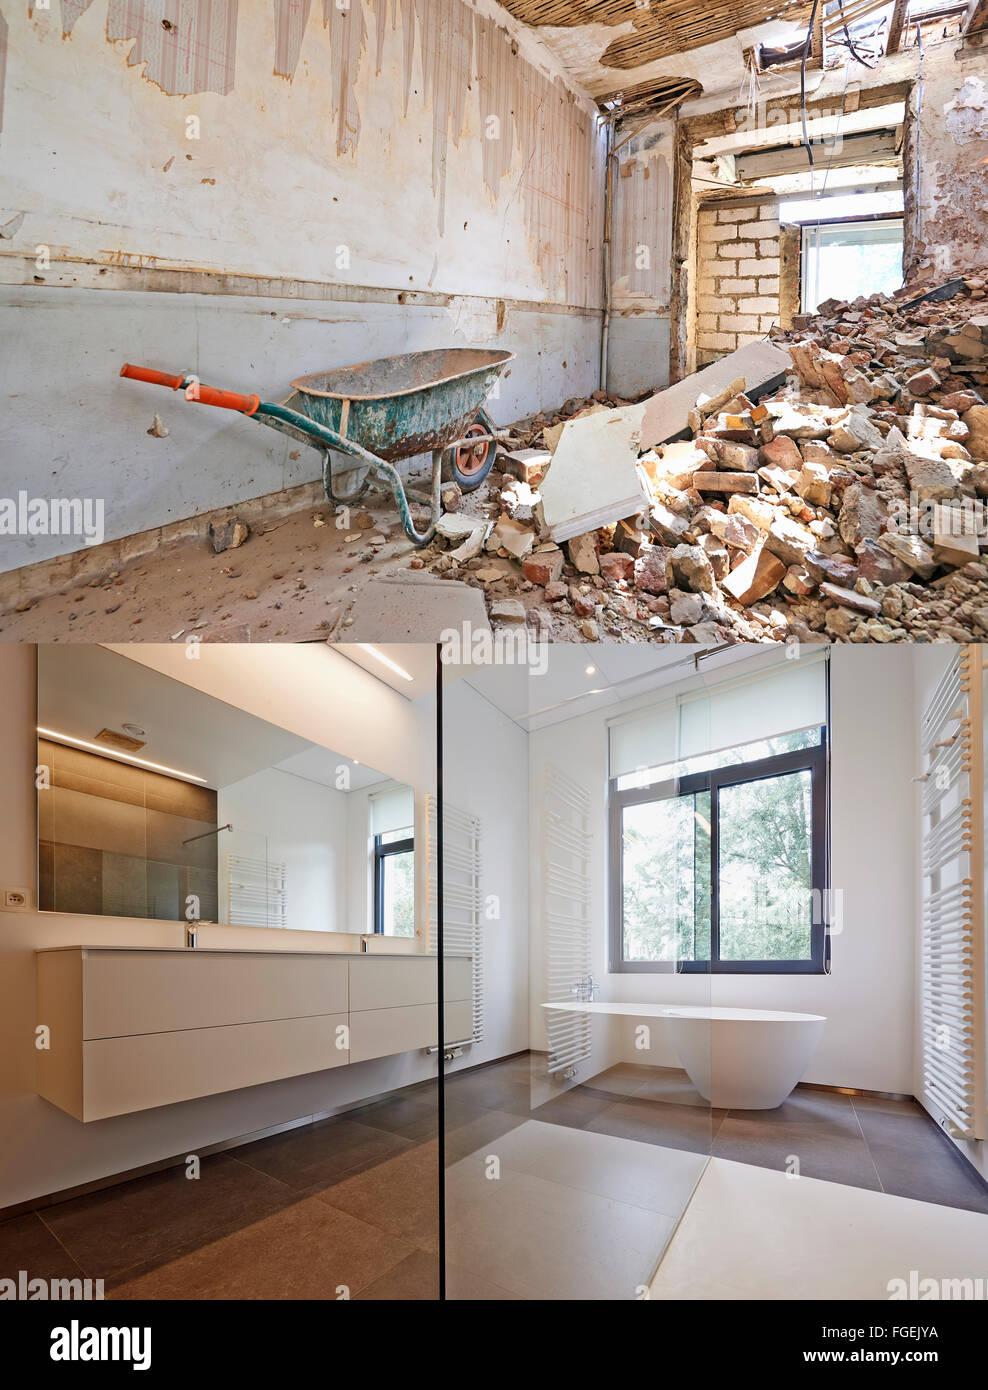 Badewanne in Corian, Wasserhahn und Dusche im Badezimmer Renovierung ...